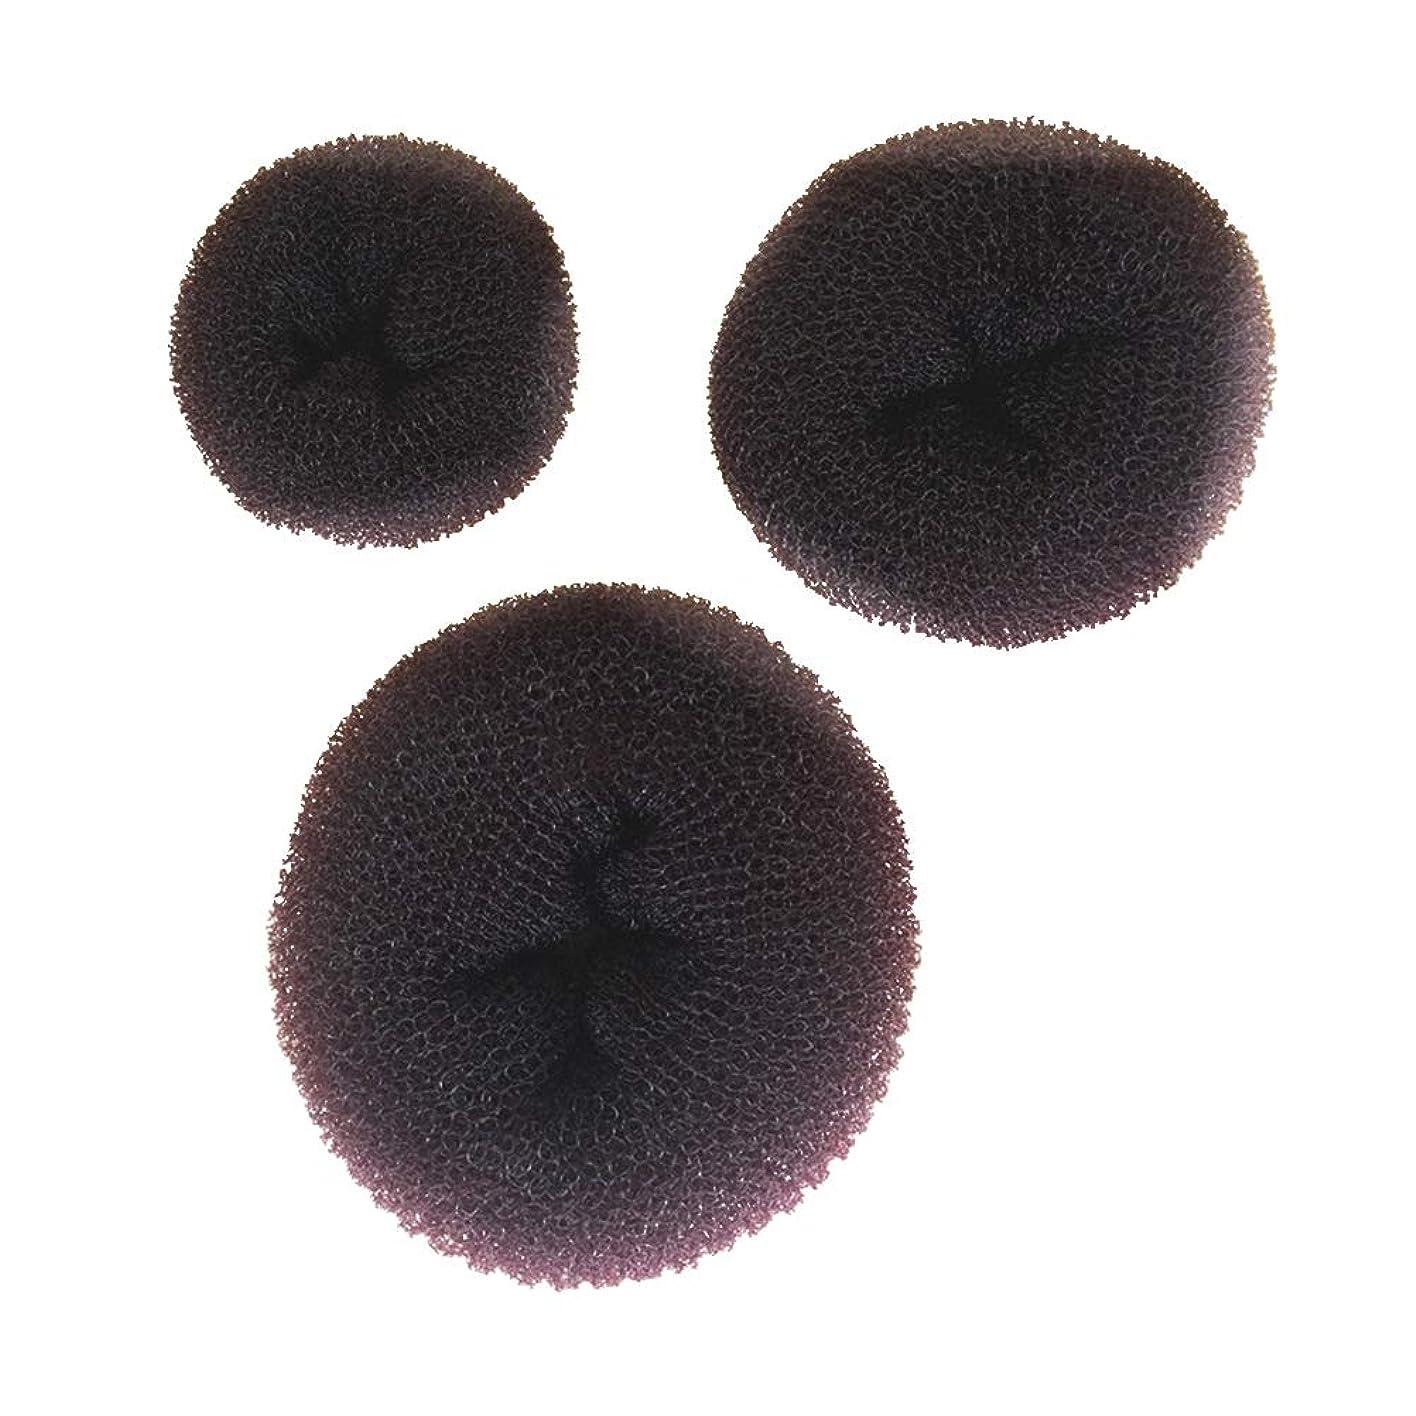 砲兵憲法道徳教育LURROSE 3ピースヘアドーナツパンメーカーインスタントヘアバンメーカーキット用女の子女性